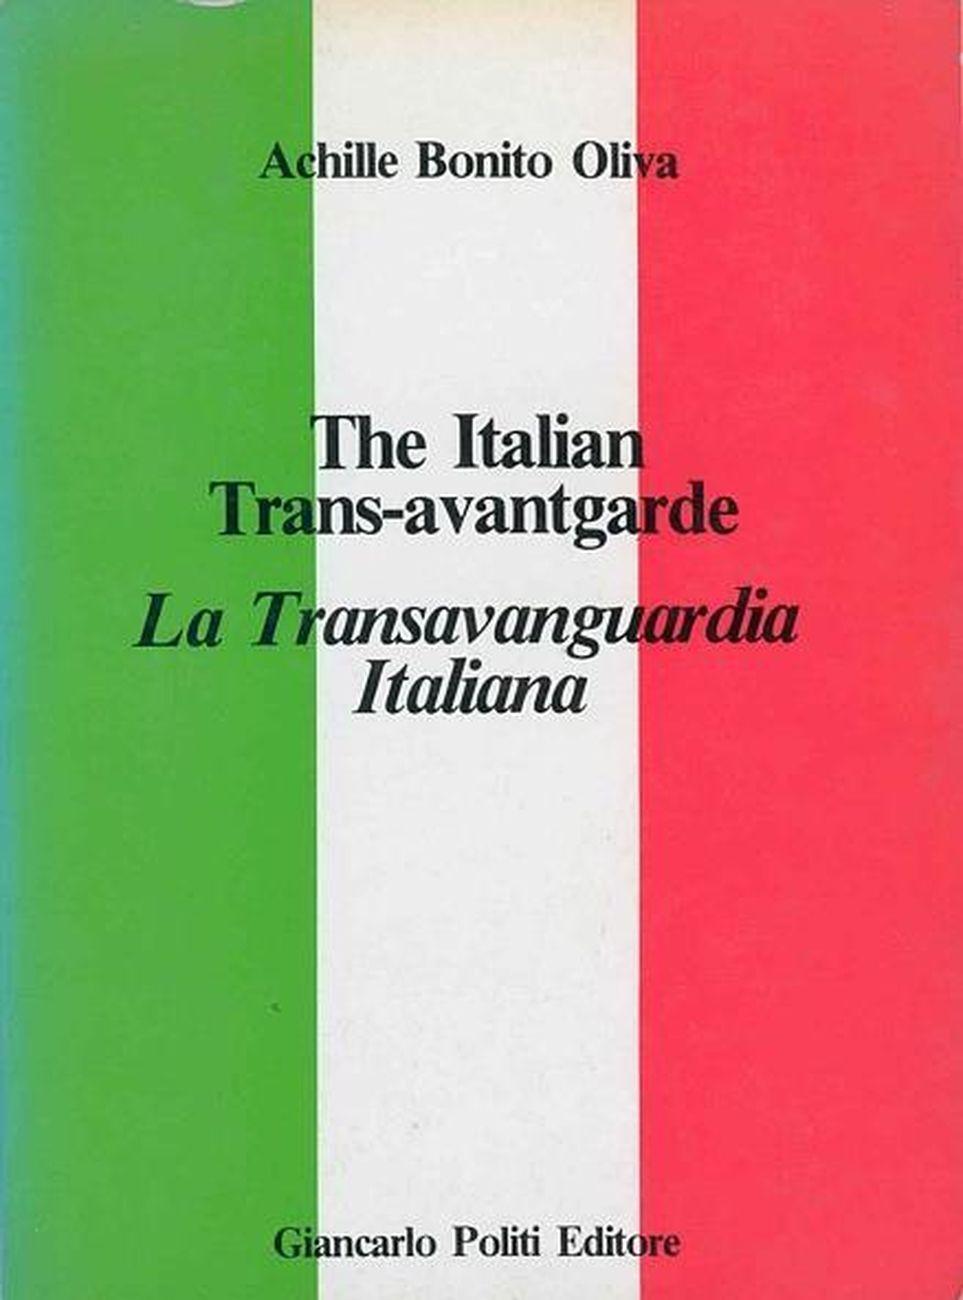 Achille Bonito Oliva, La Transavanguardia Italiana (Giancarlo Politi Editore, 1980)